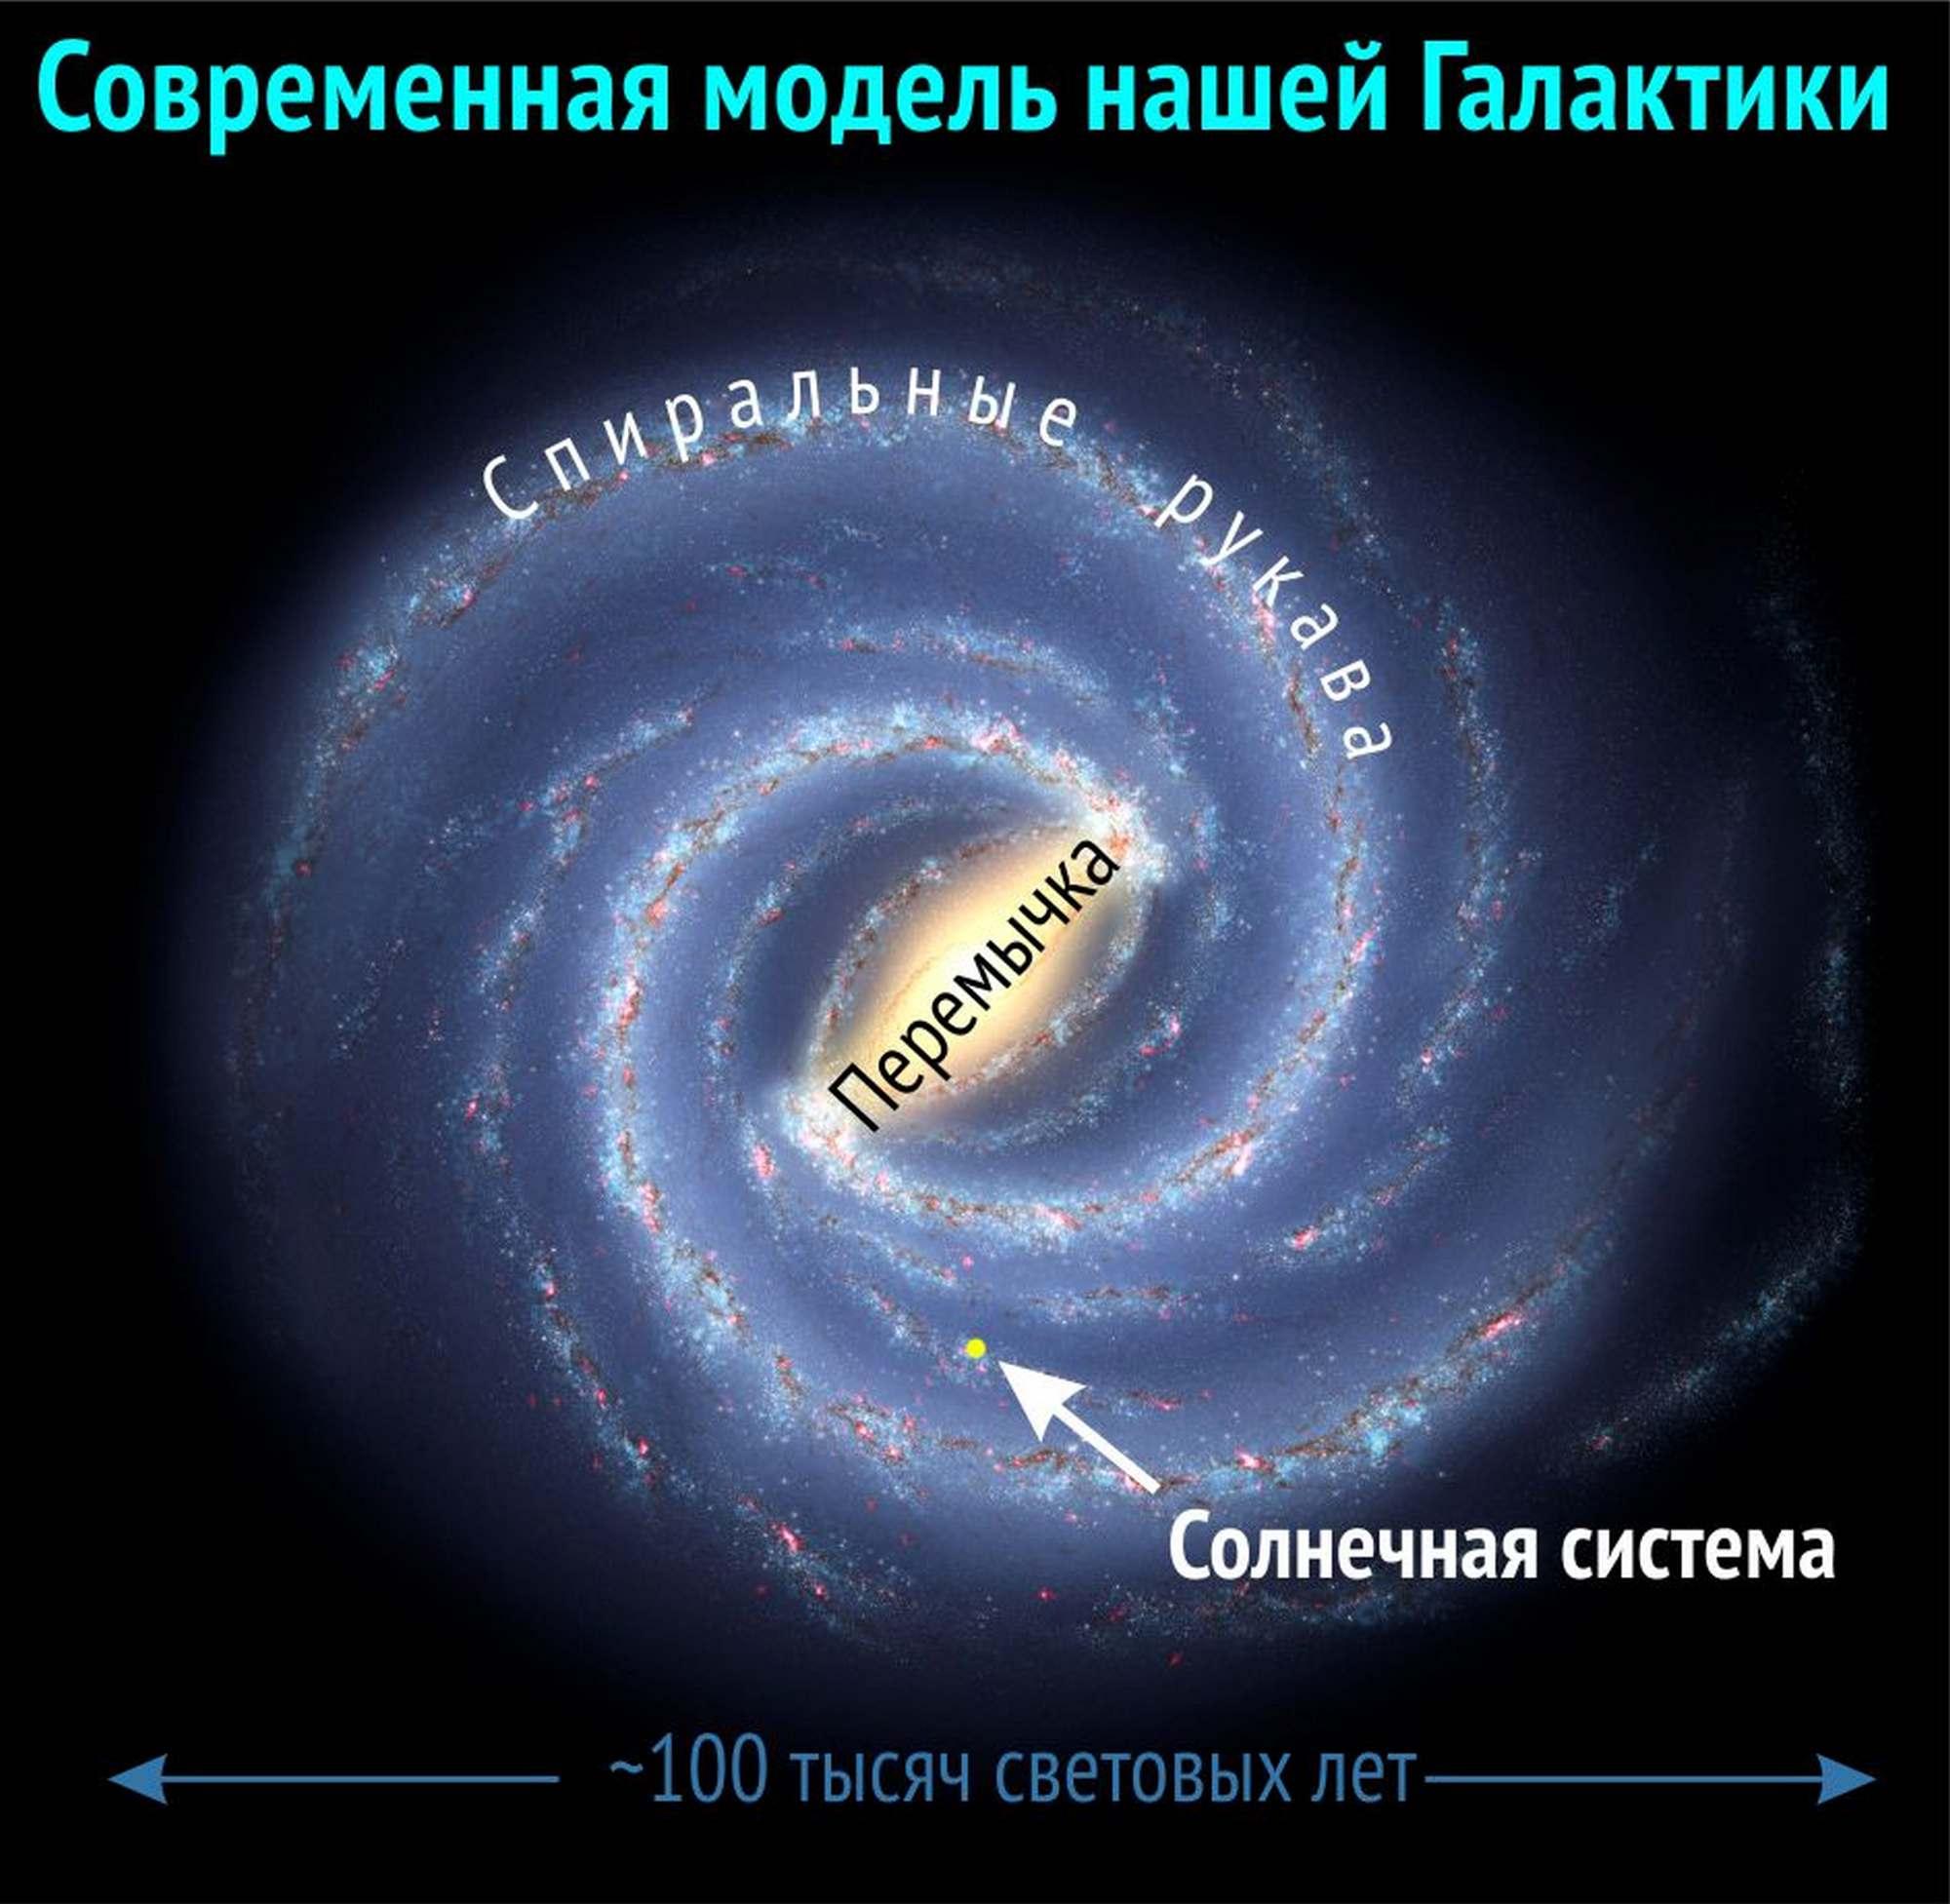 Компьютерная модель нашей Галактики. Она относится к типу спиральных галактик с перемычкой. Диаметр Галактики – около 100 тысяч световых лет, средняя толщина – около 1000 световых лет, количество звёзд – около 300 миллиардов (nasa.gov с изм.).